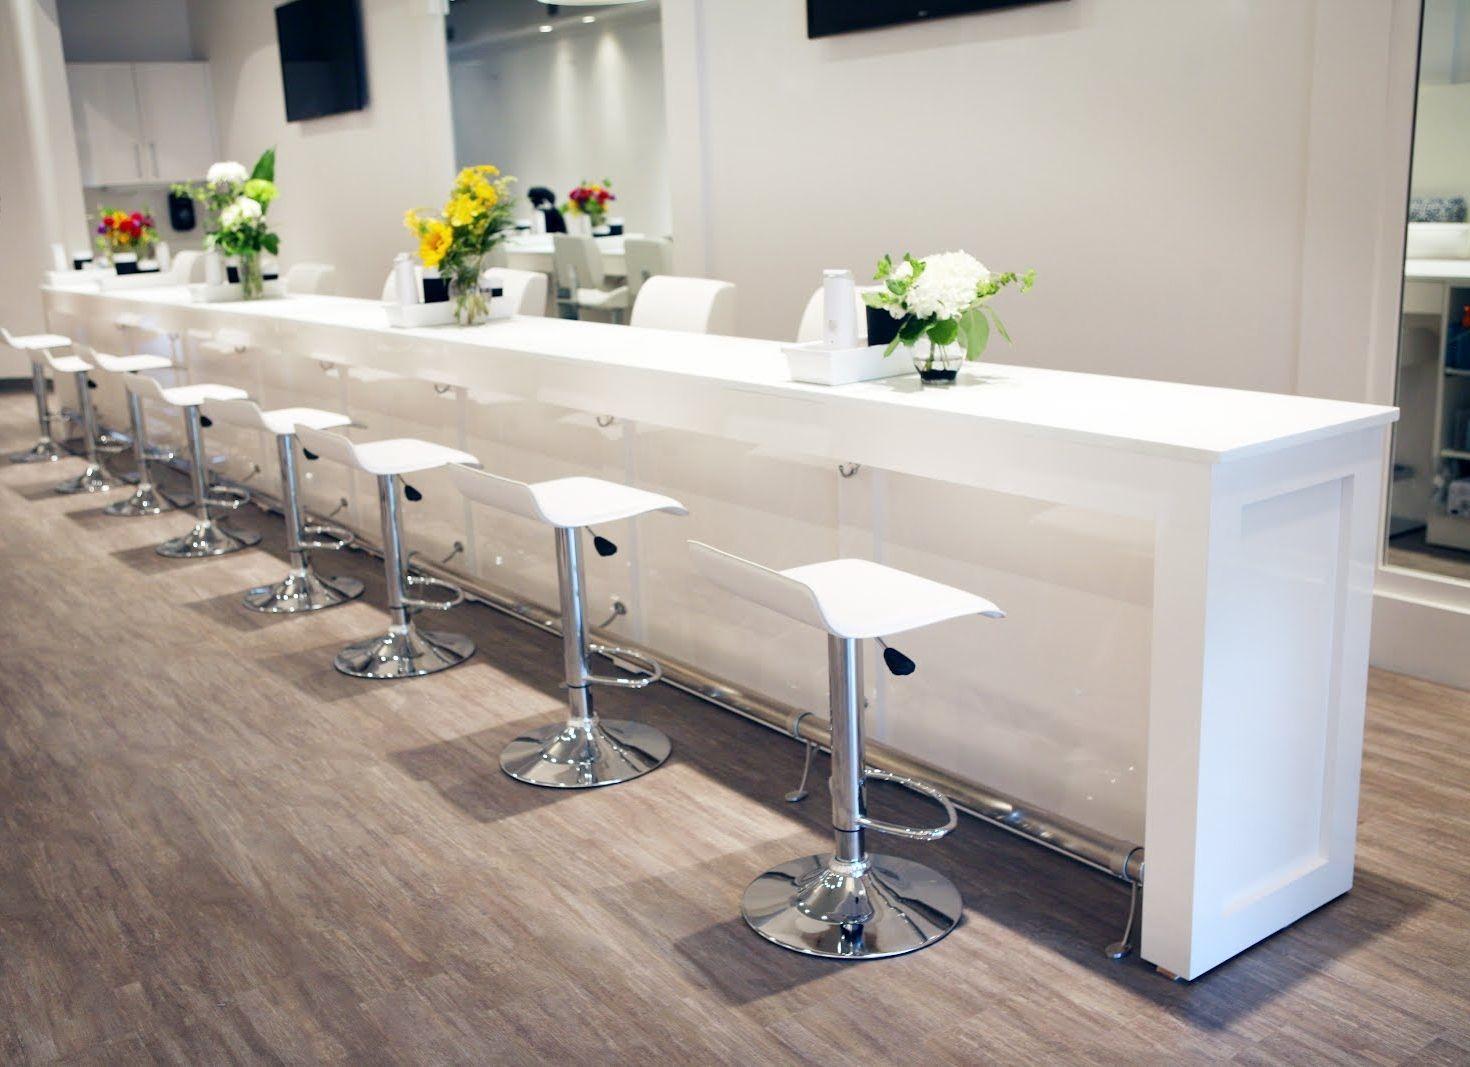 Usa Gallery Of Salon Spa Design Decoracao Salao De Beleza